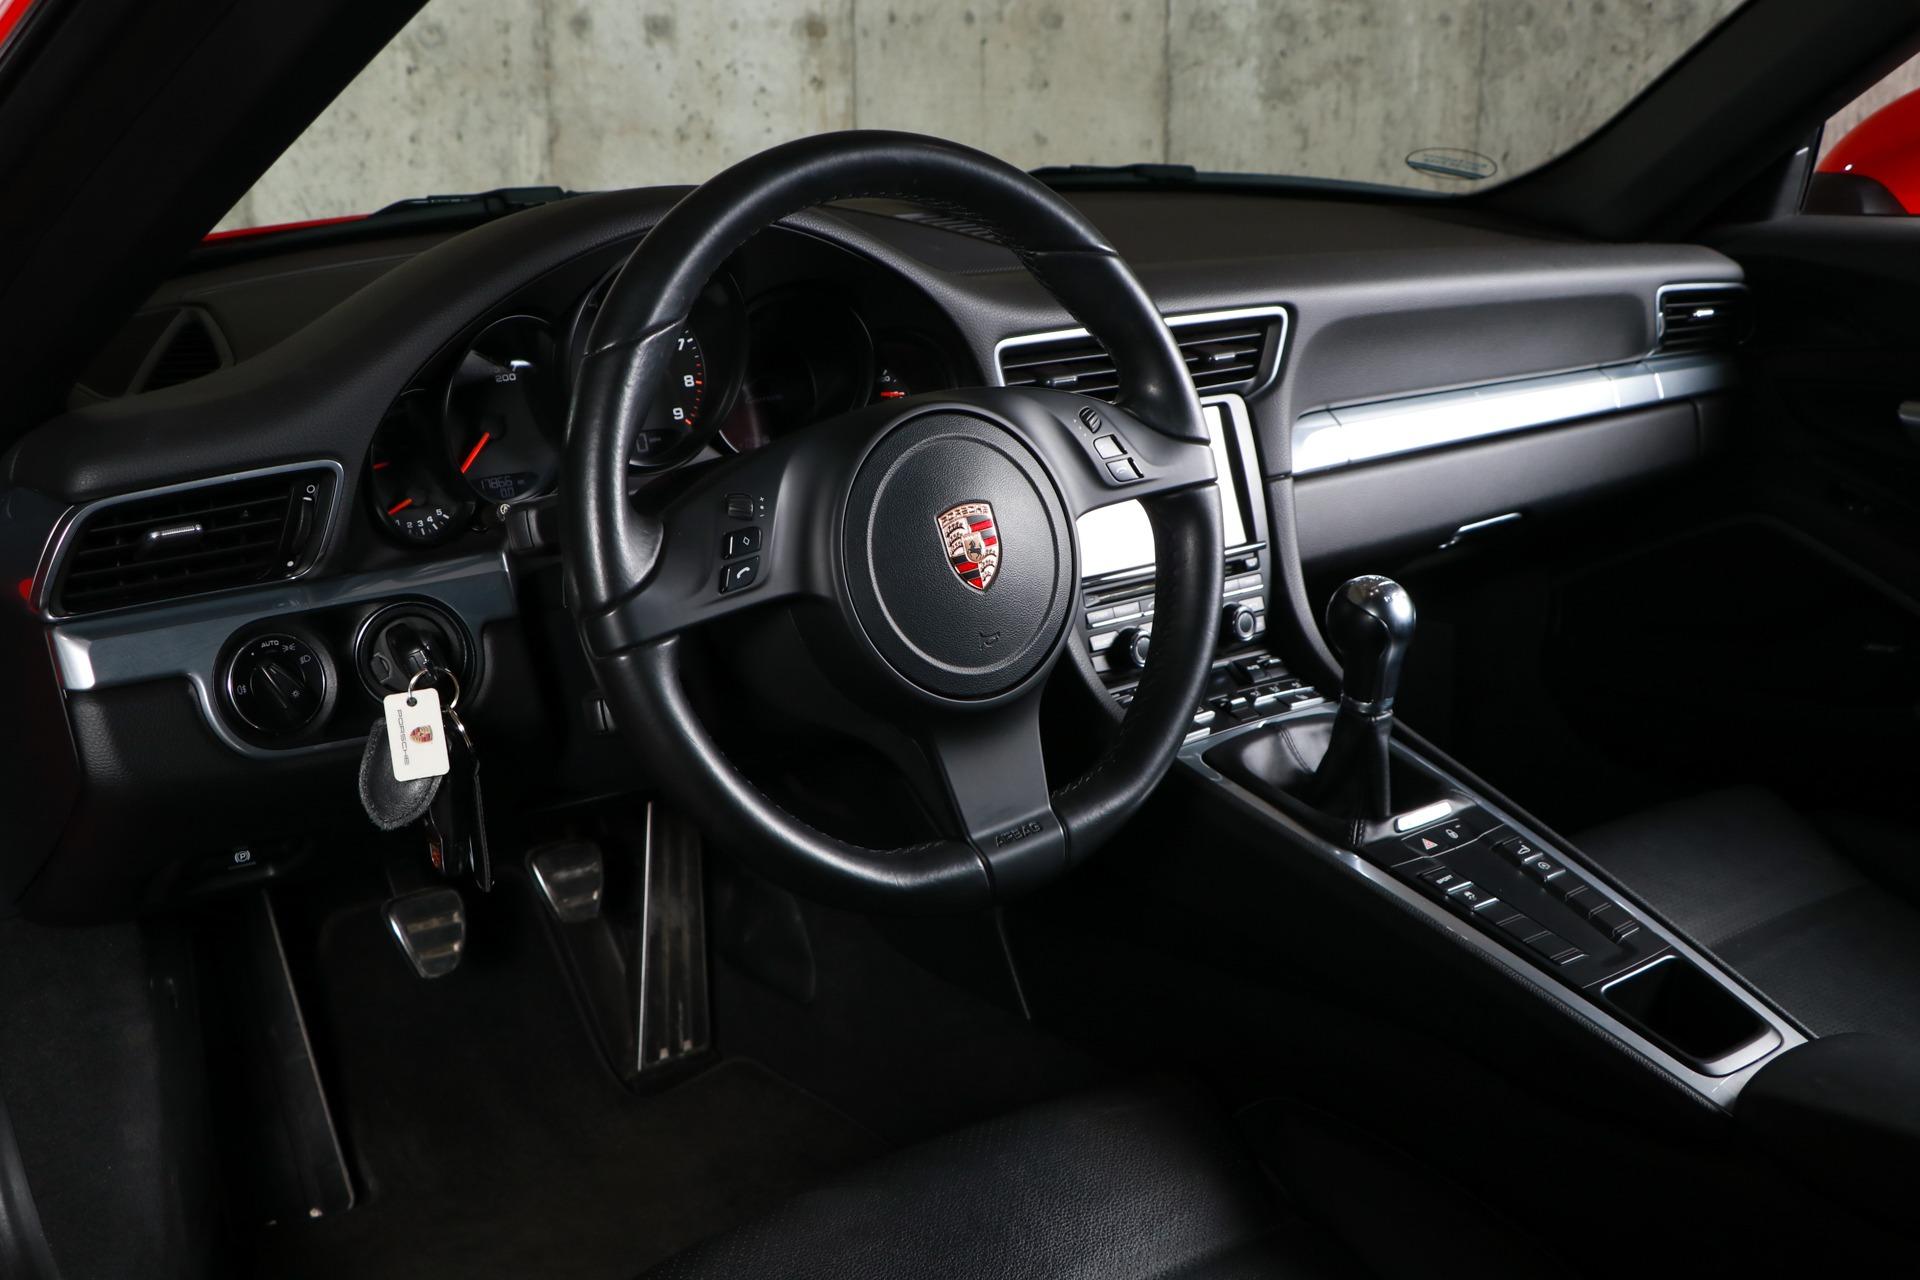 Used 2012 Porsche 911 Carrera | Glen Cove, NY